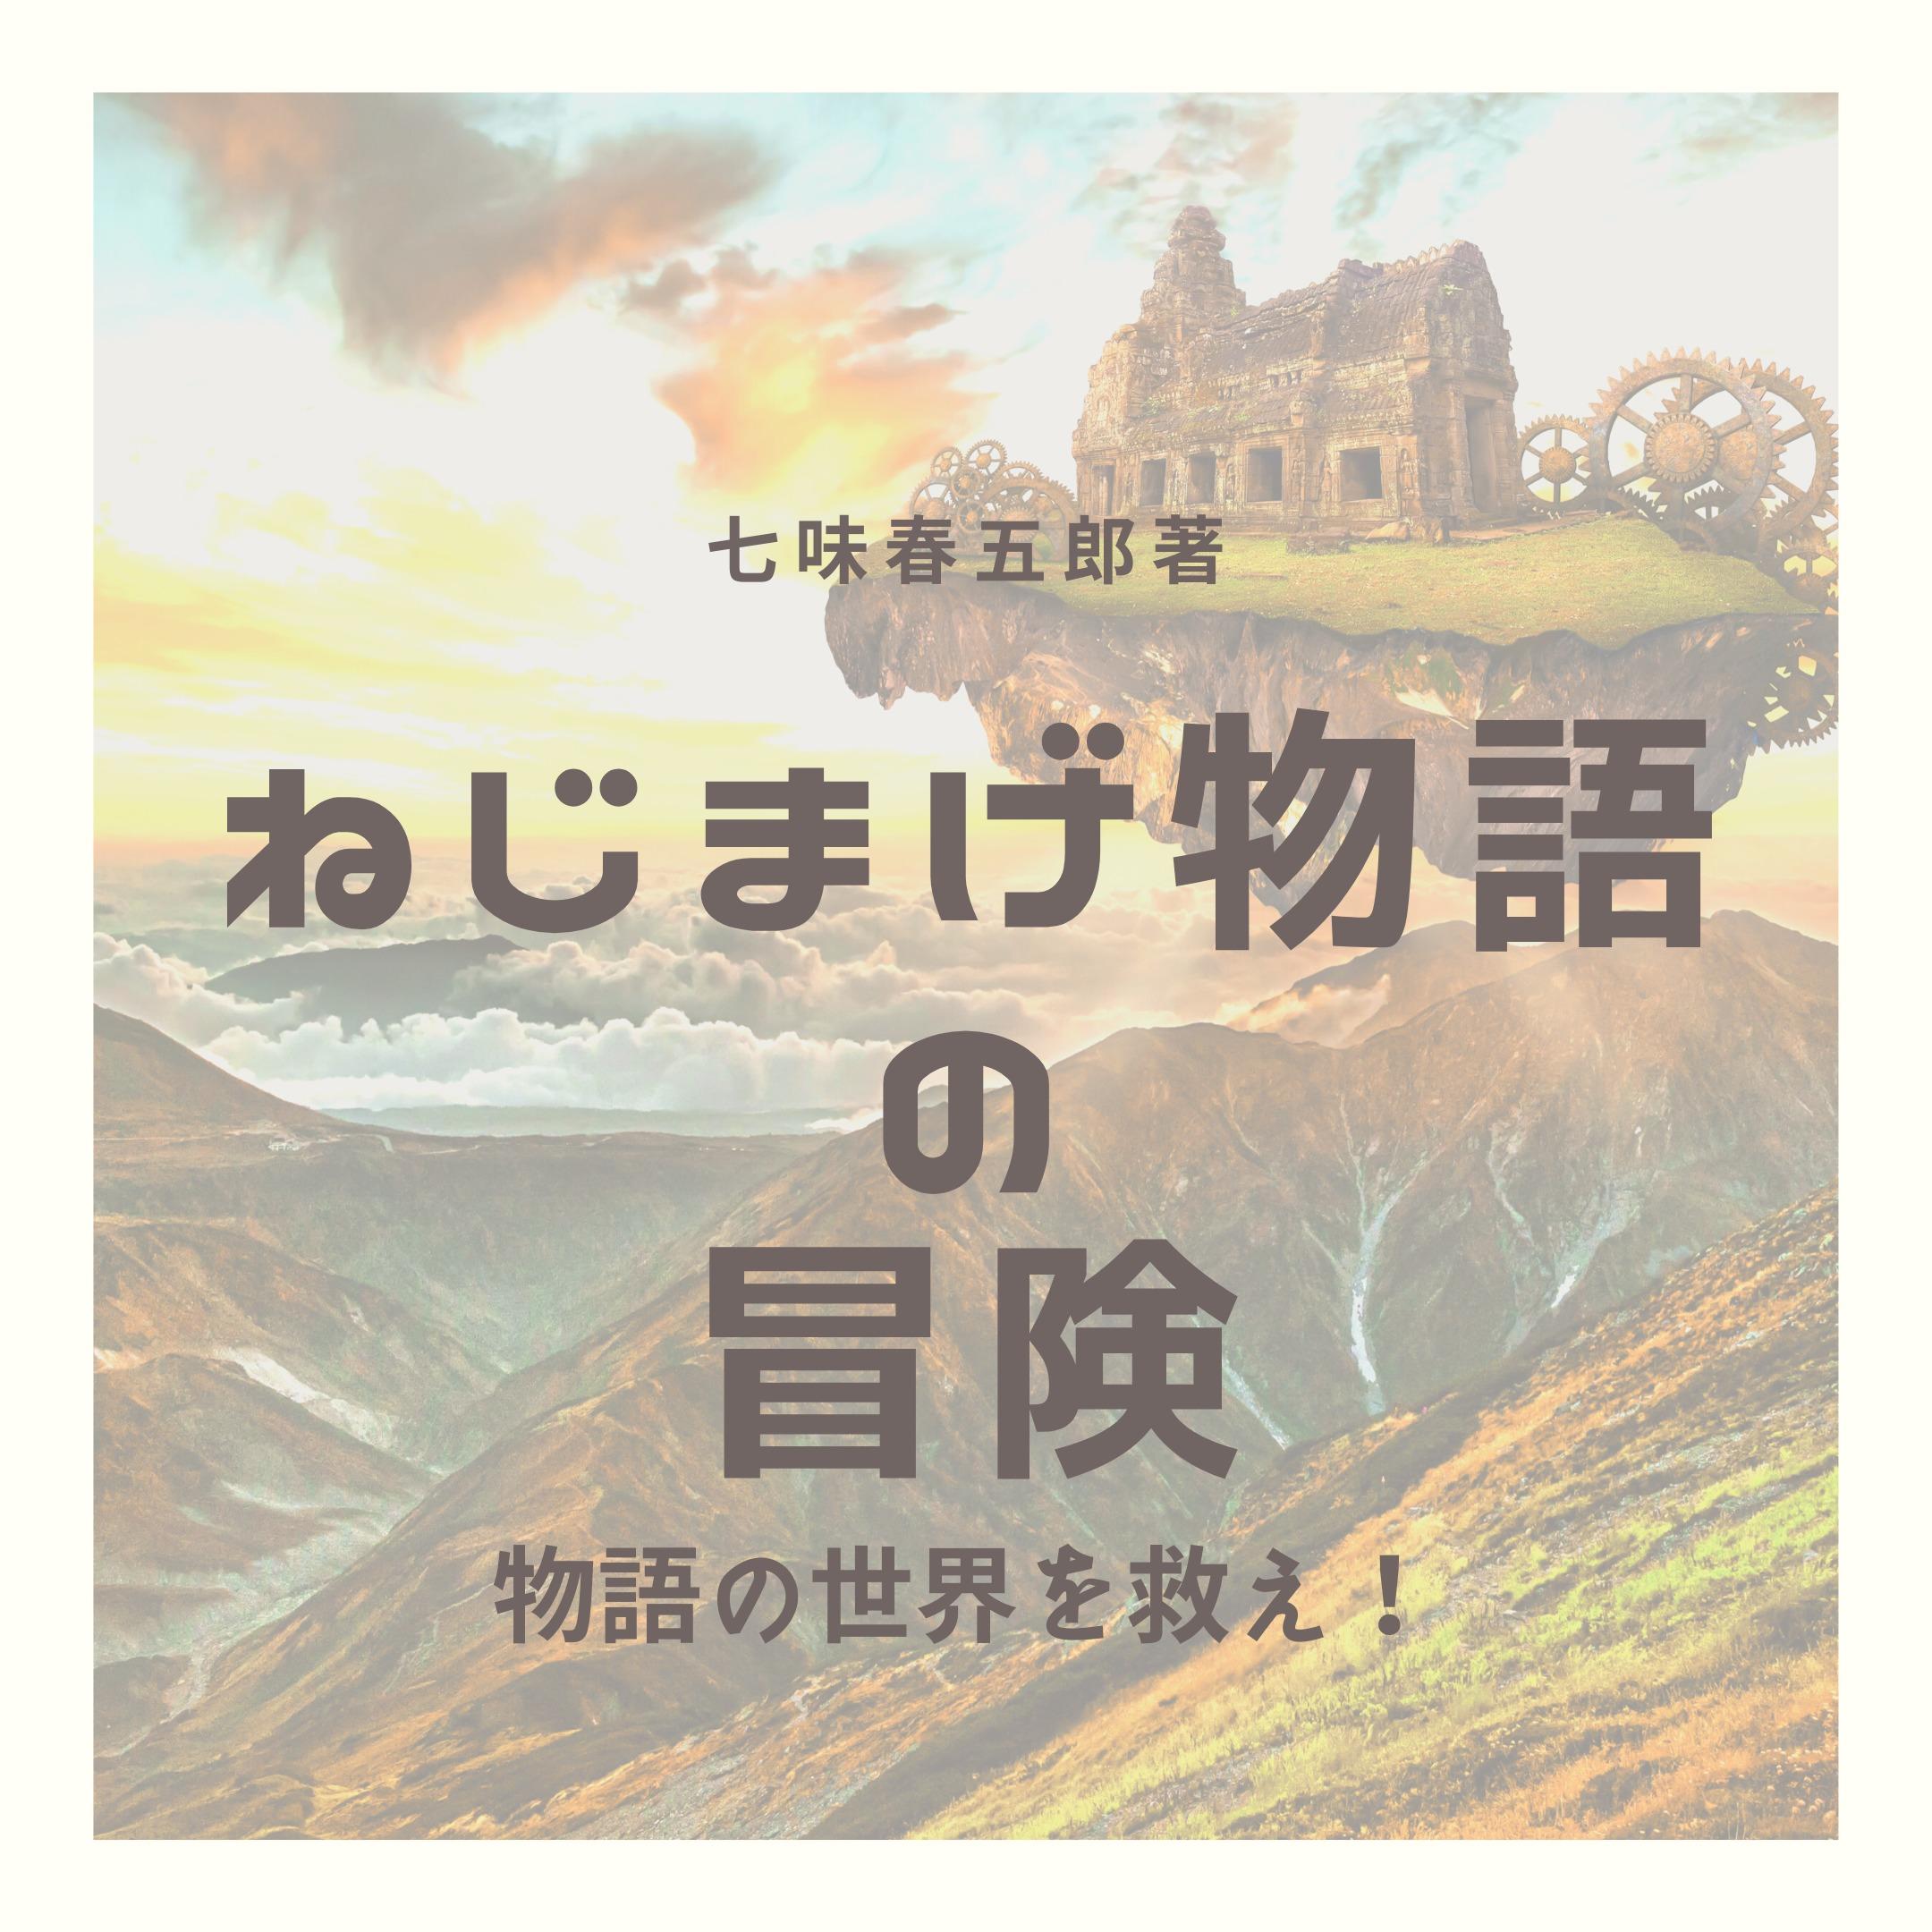 七味春五郎著 ねじまげ物語の冒険をご紹介!  発行元丸竹書房